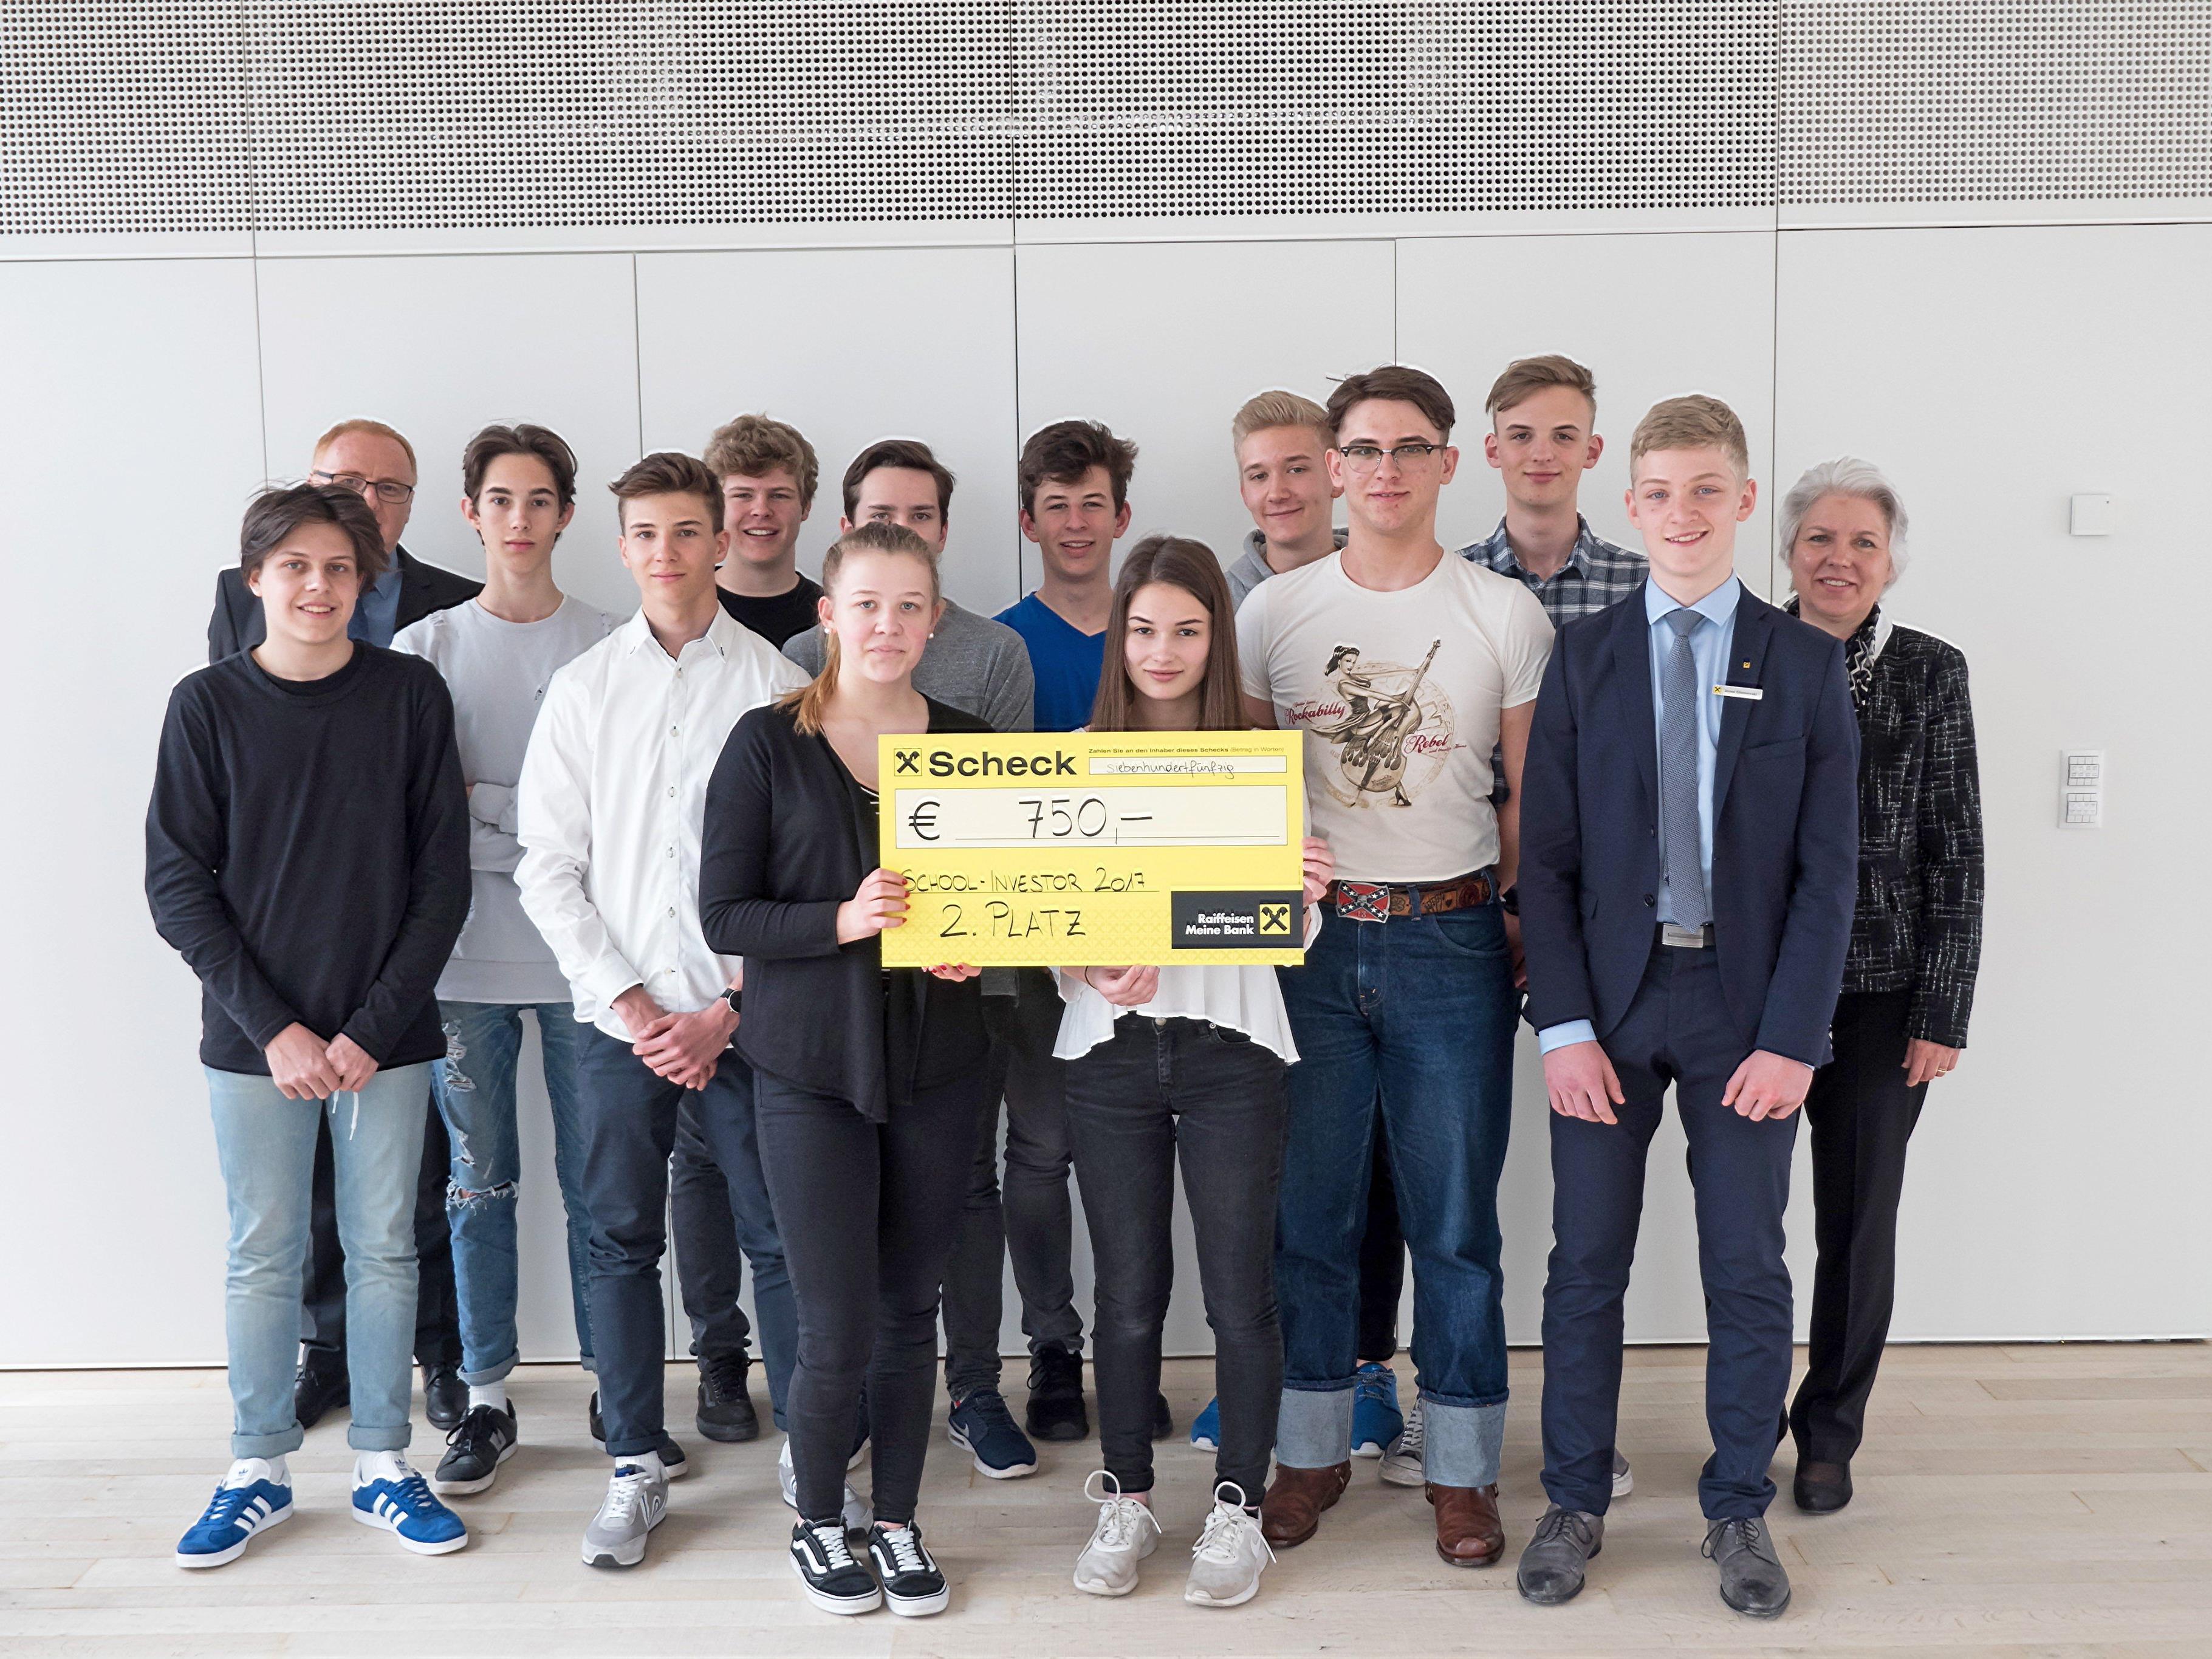 Die Schüler des Wirtschaftsmoduls machten den zweiten Platz und bekamen 750 Euro.